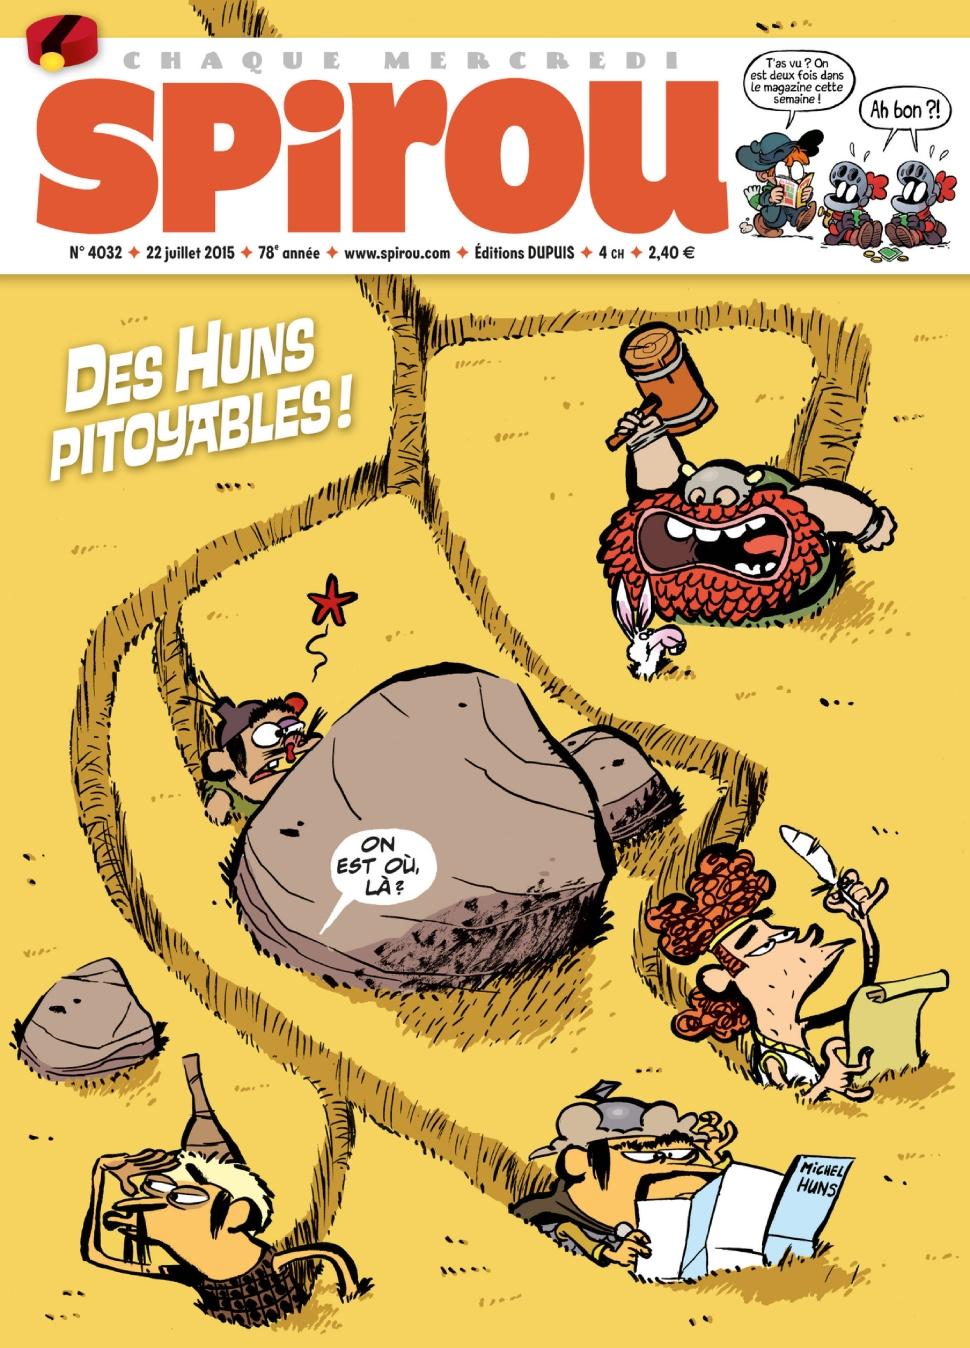 Le journal de Spirou 4032